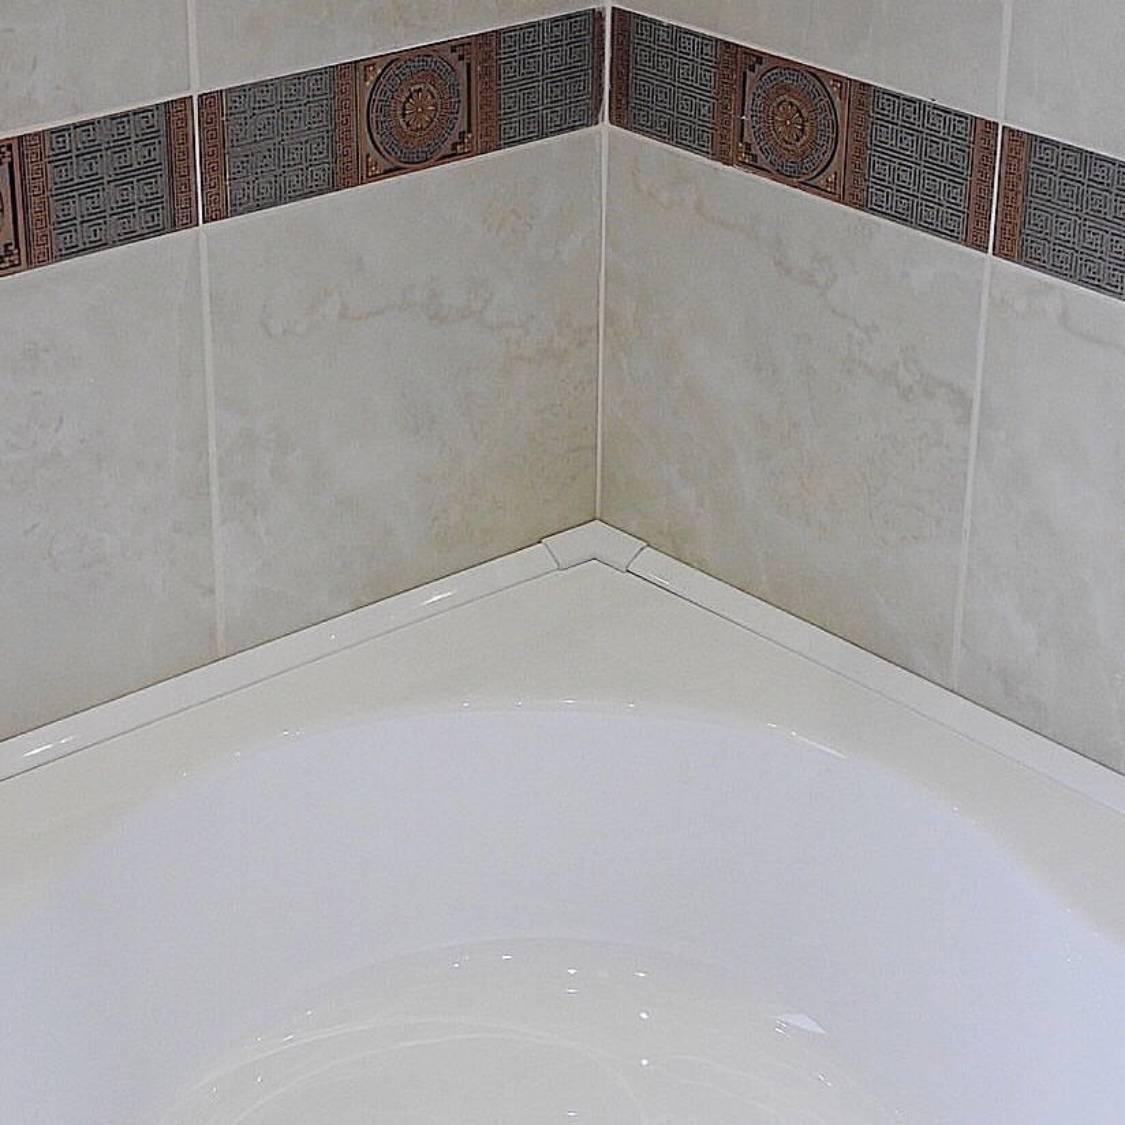 Бордюр для ванны на плитку: пластиковый, керамический, установка своими руками (+ видео)